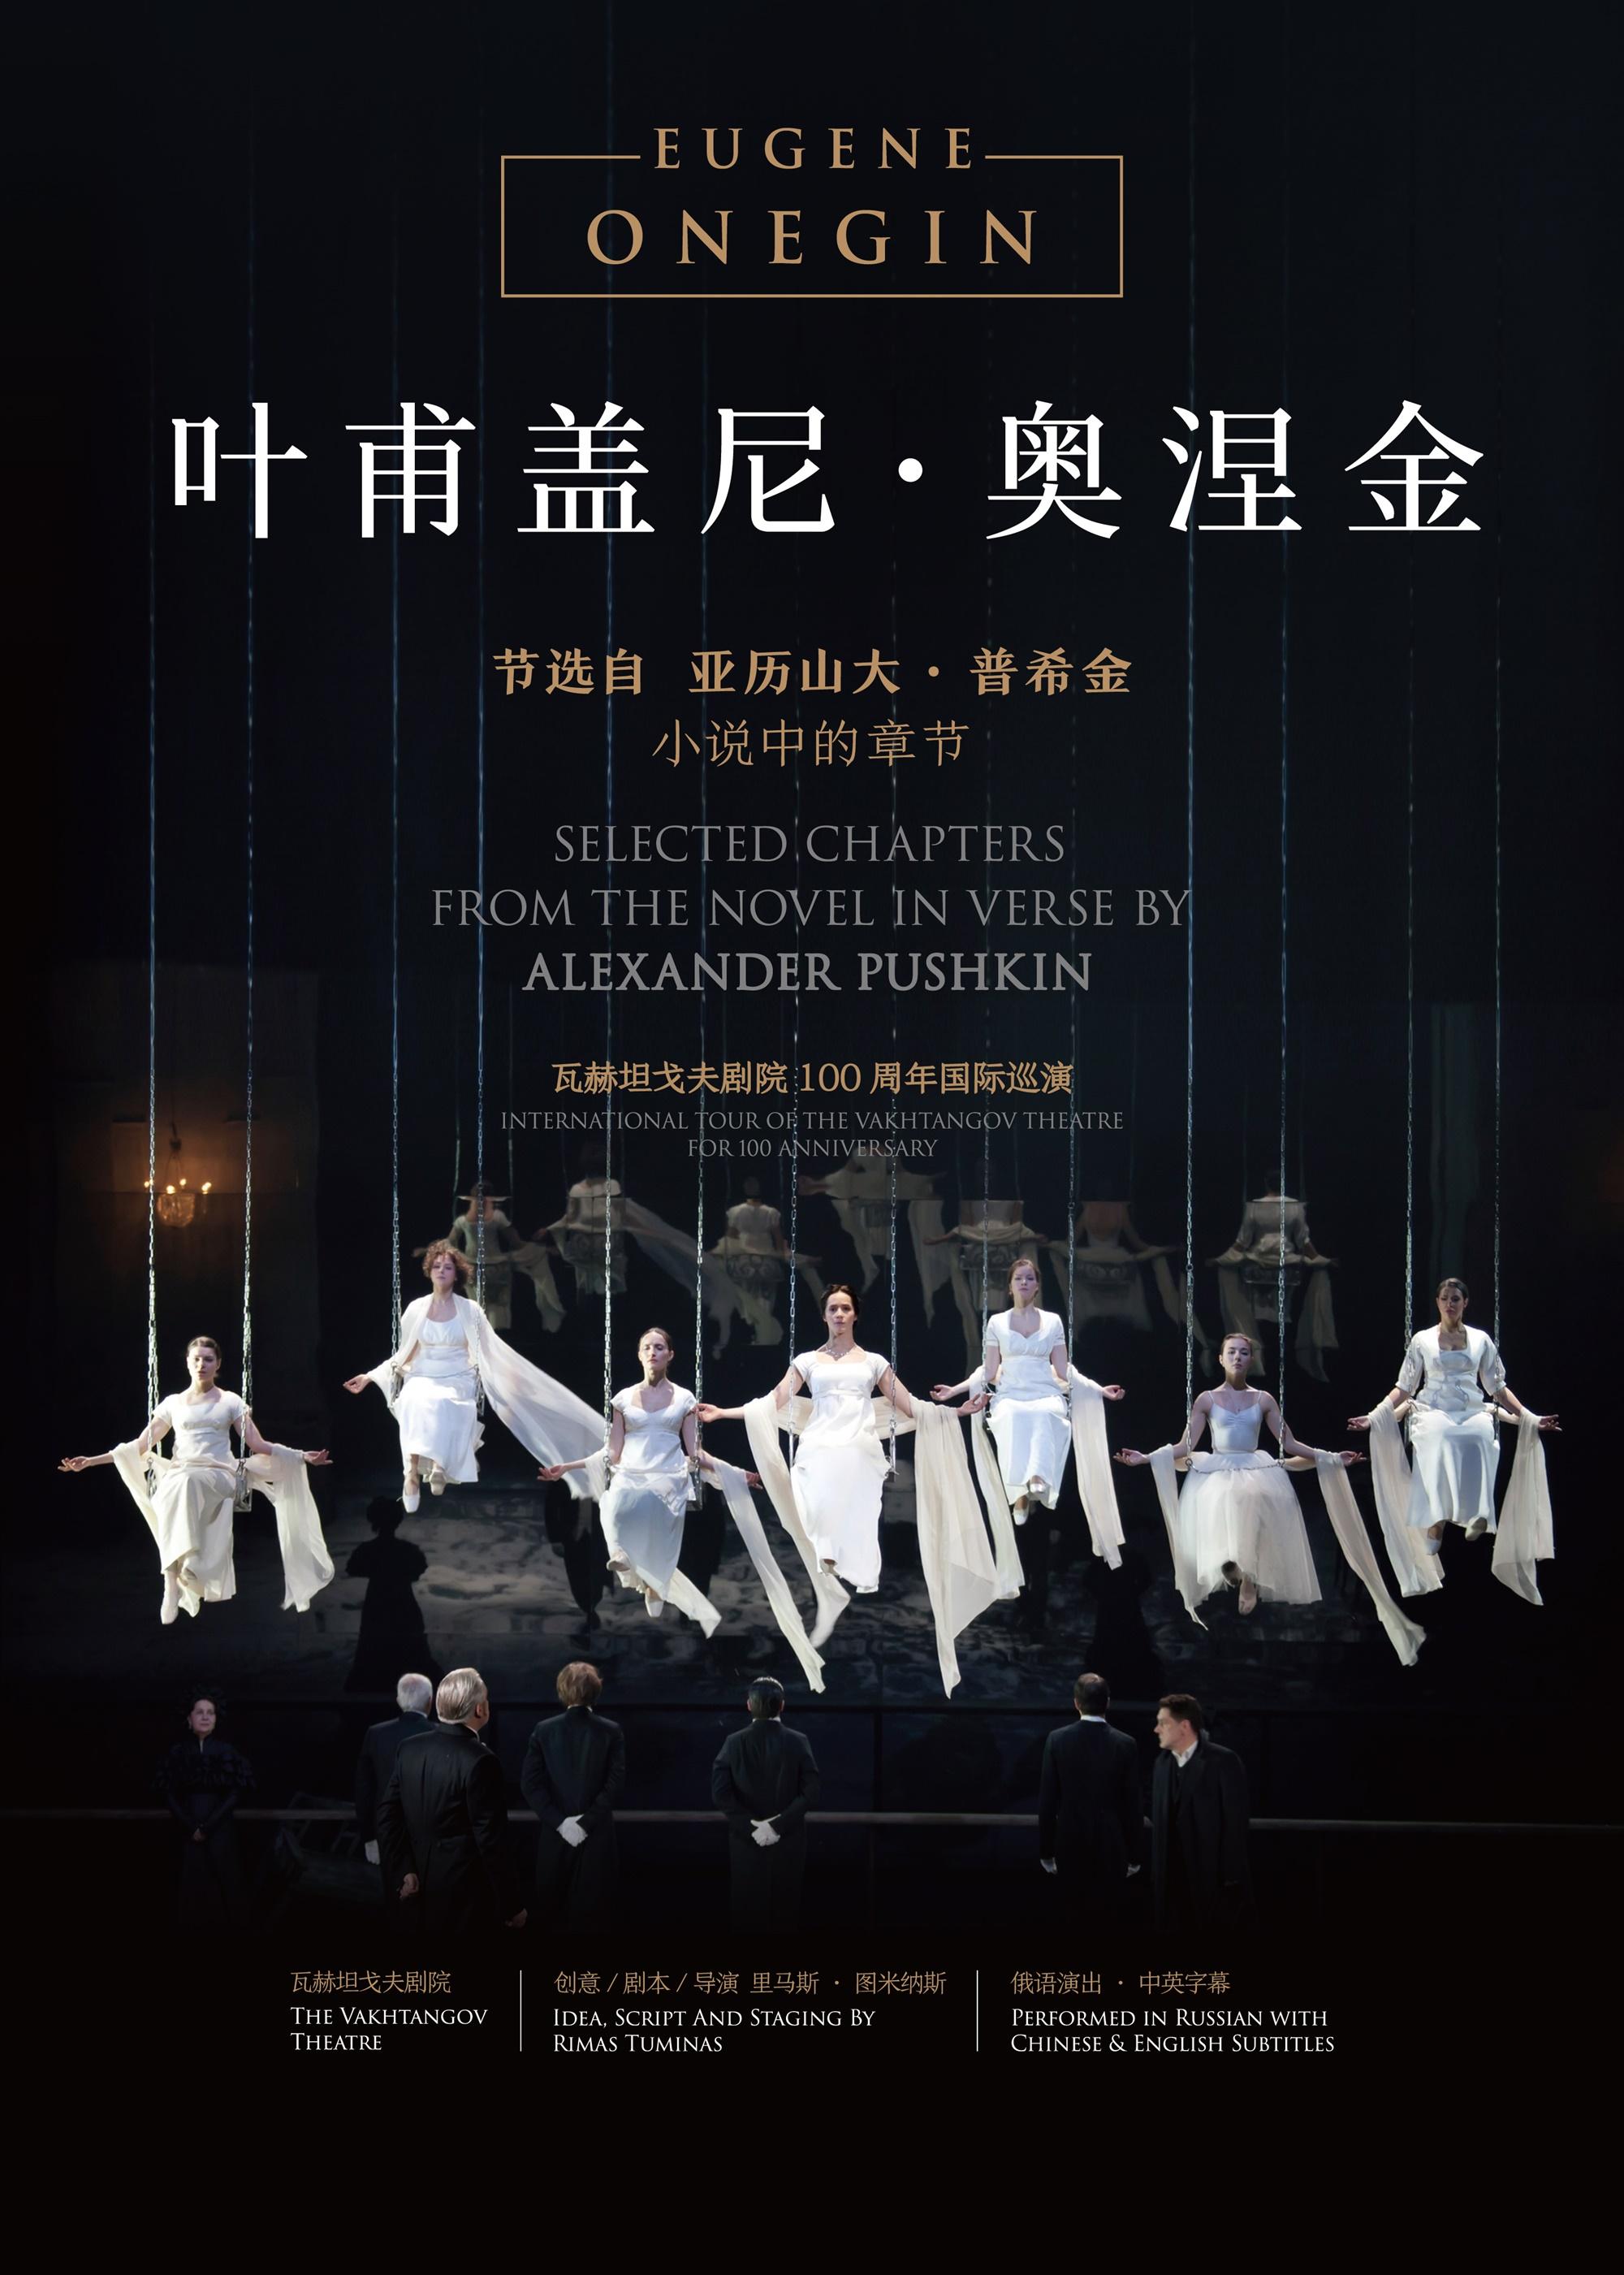 【第九屆西安戲劇節—不盡之鏡】俄羅斯瓦赫坦戈夫劇院《葉甫蓋尼·奧涅金》